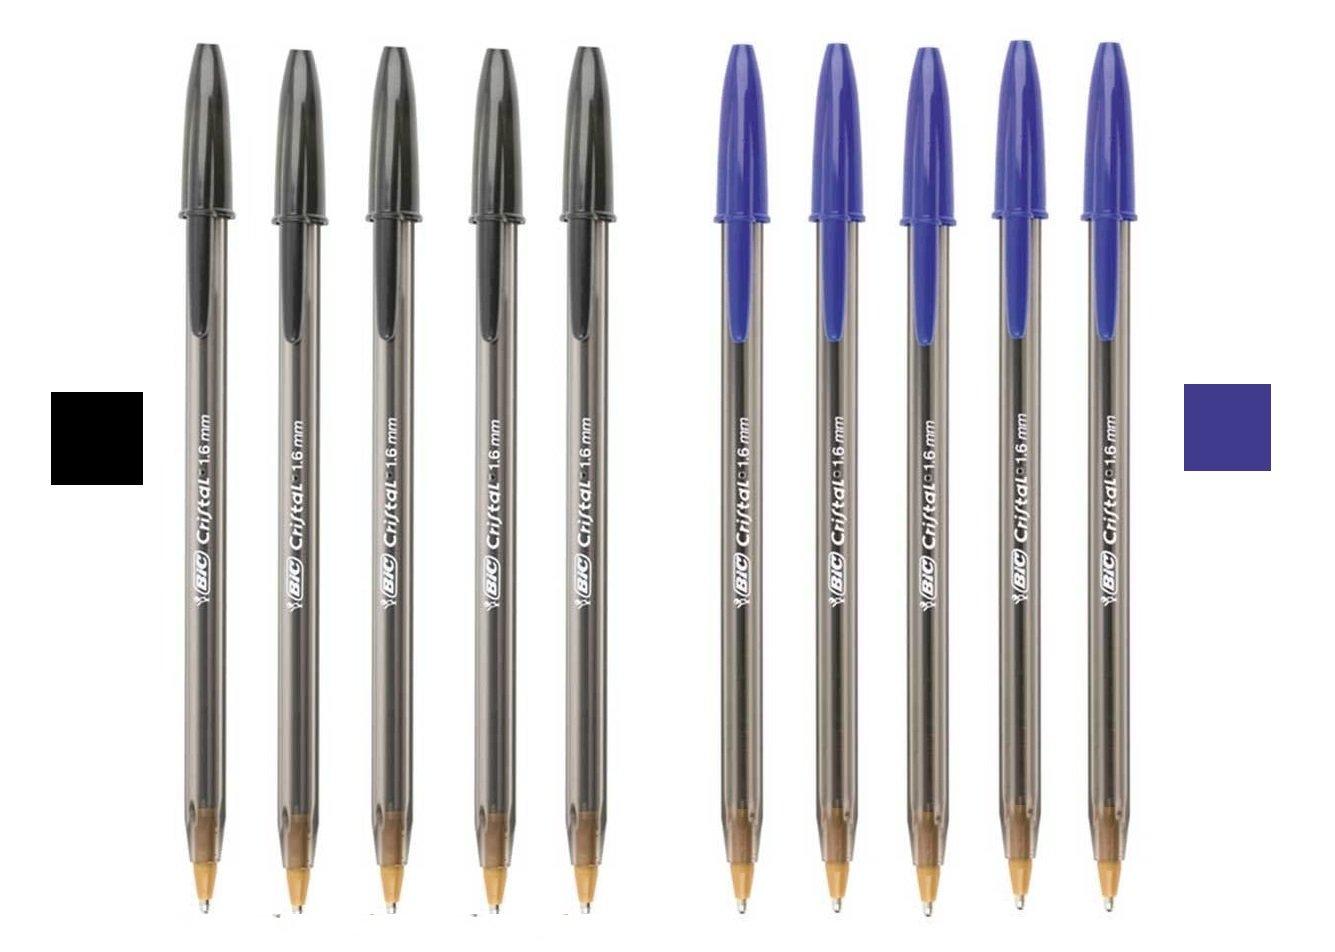 Bic 1.6mm Large Black & Blue Bold Ink Pen - 5 Black & 5 Blue